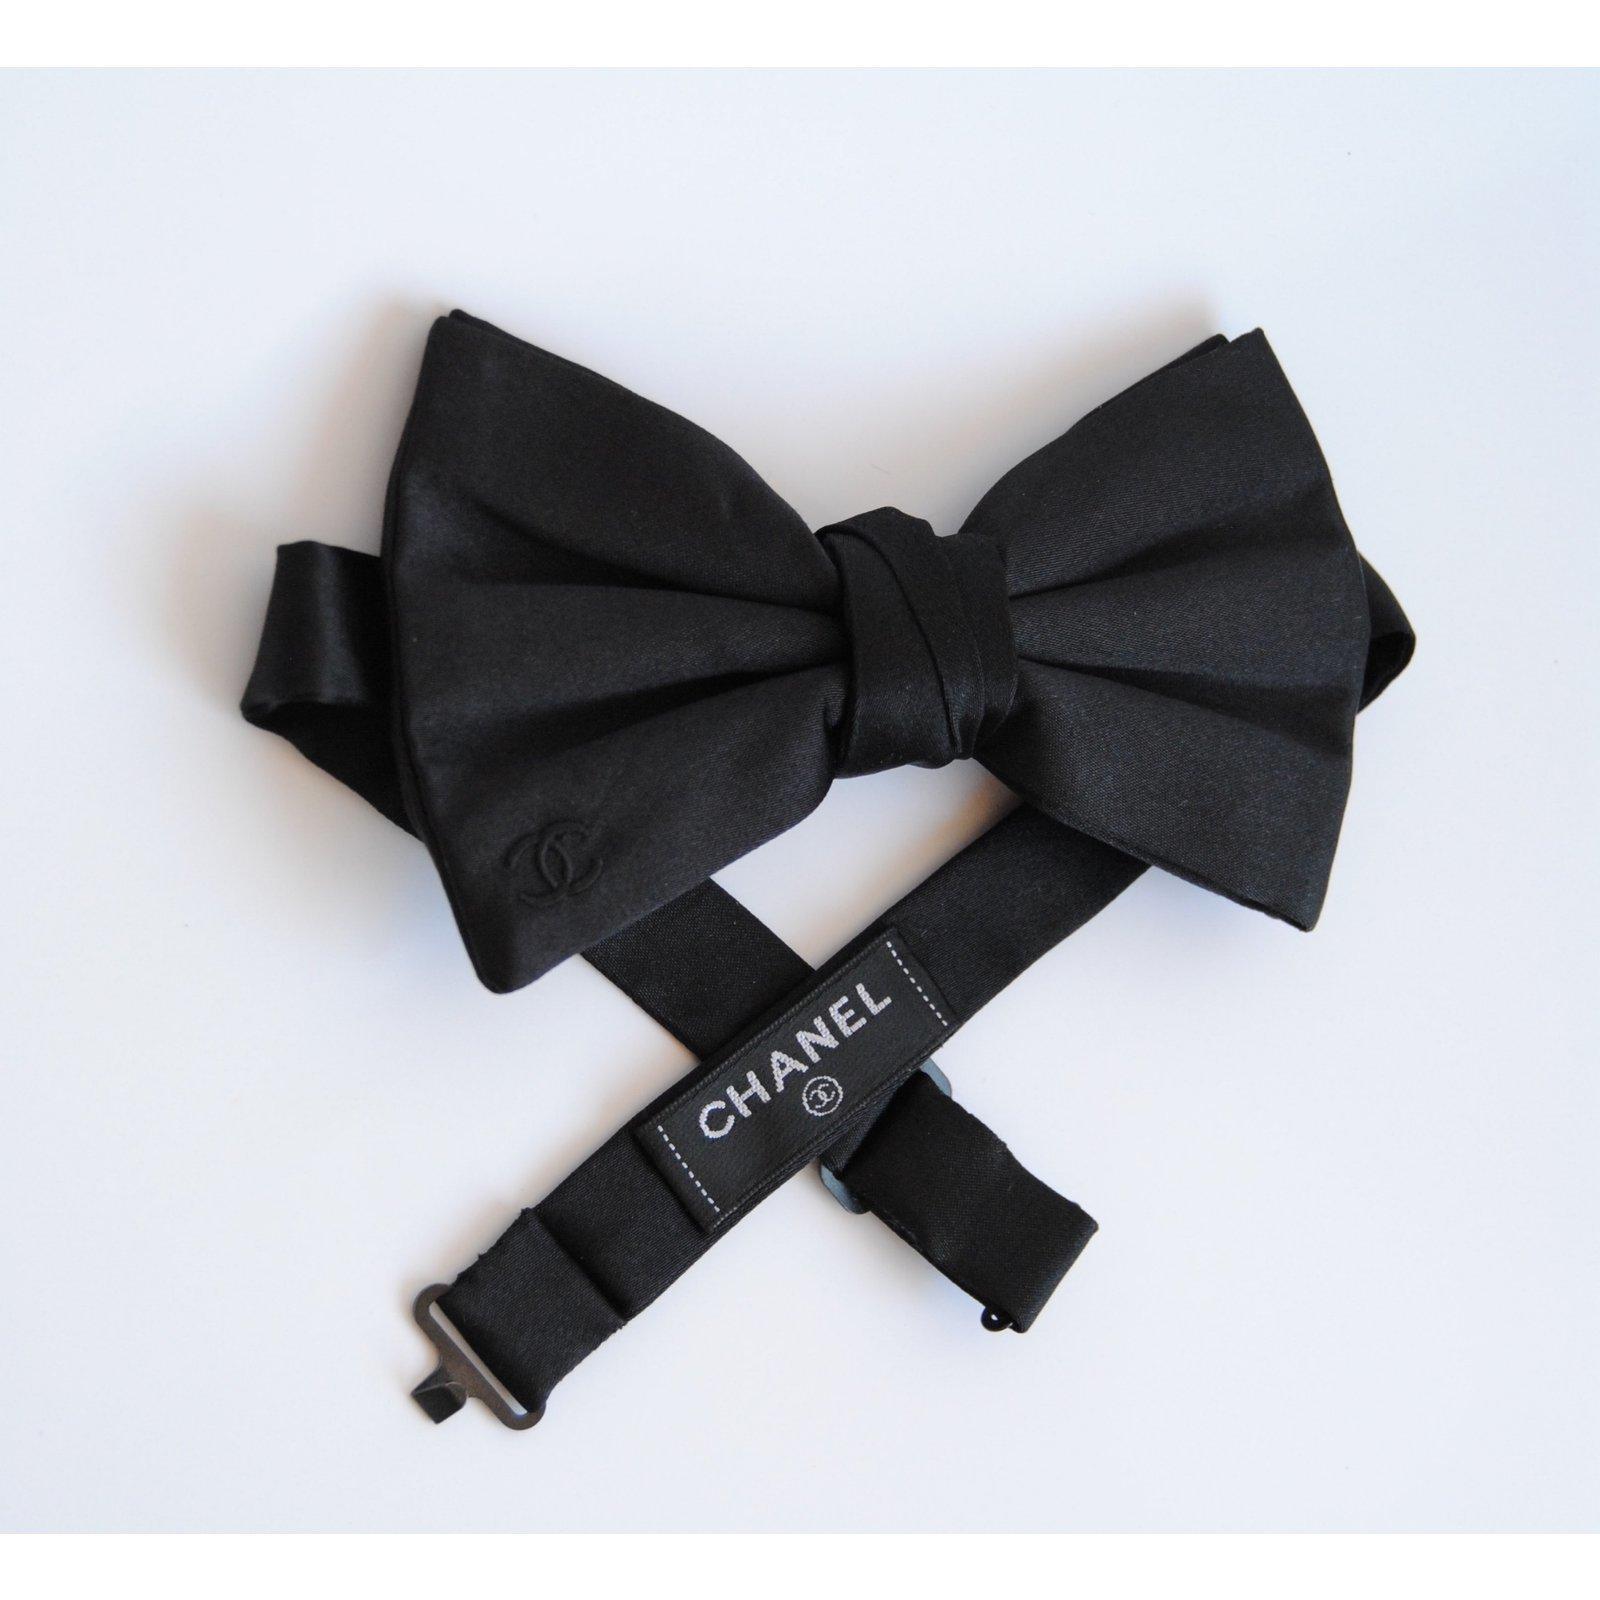 Adjutable Bow Tie